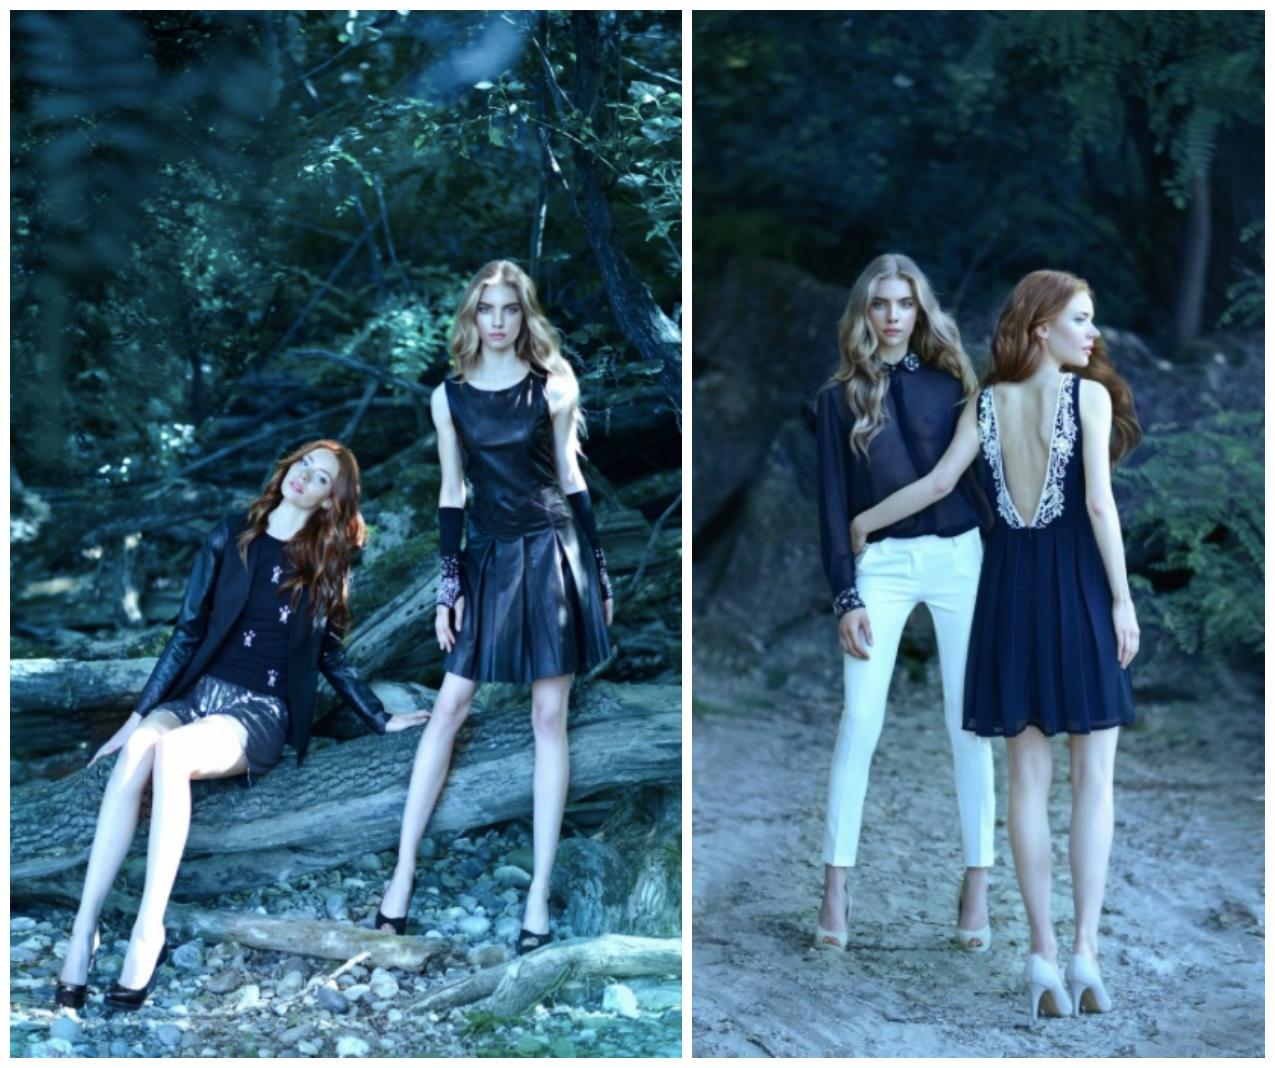 La Kore FW '15-'16 collection: nero, bagliori di luce e abiti da sirena, alessia milanese, thechilicool, fashion blog, fashion blogger